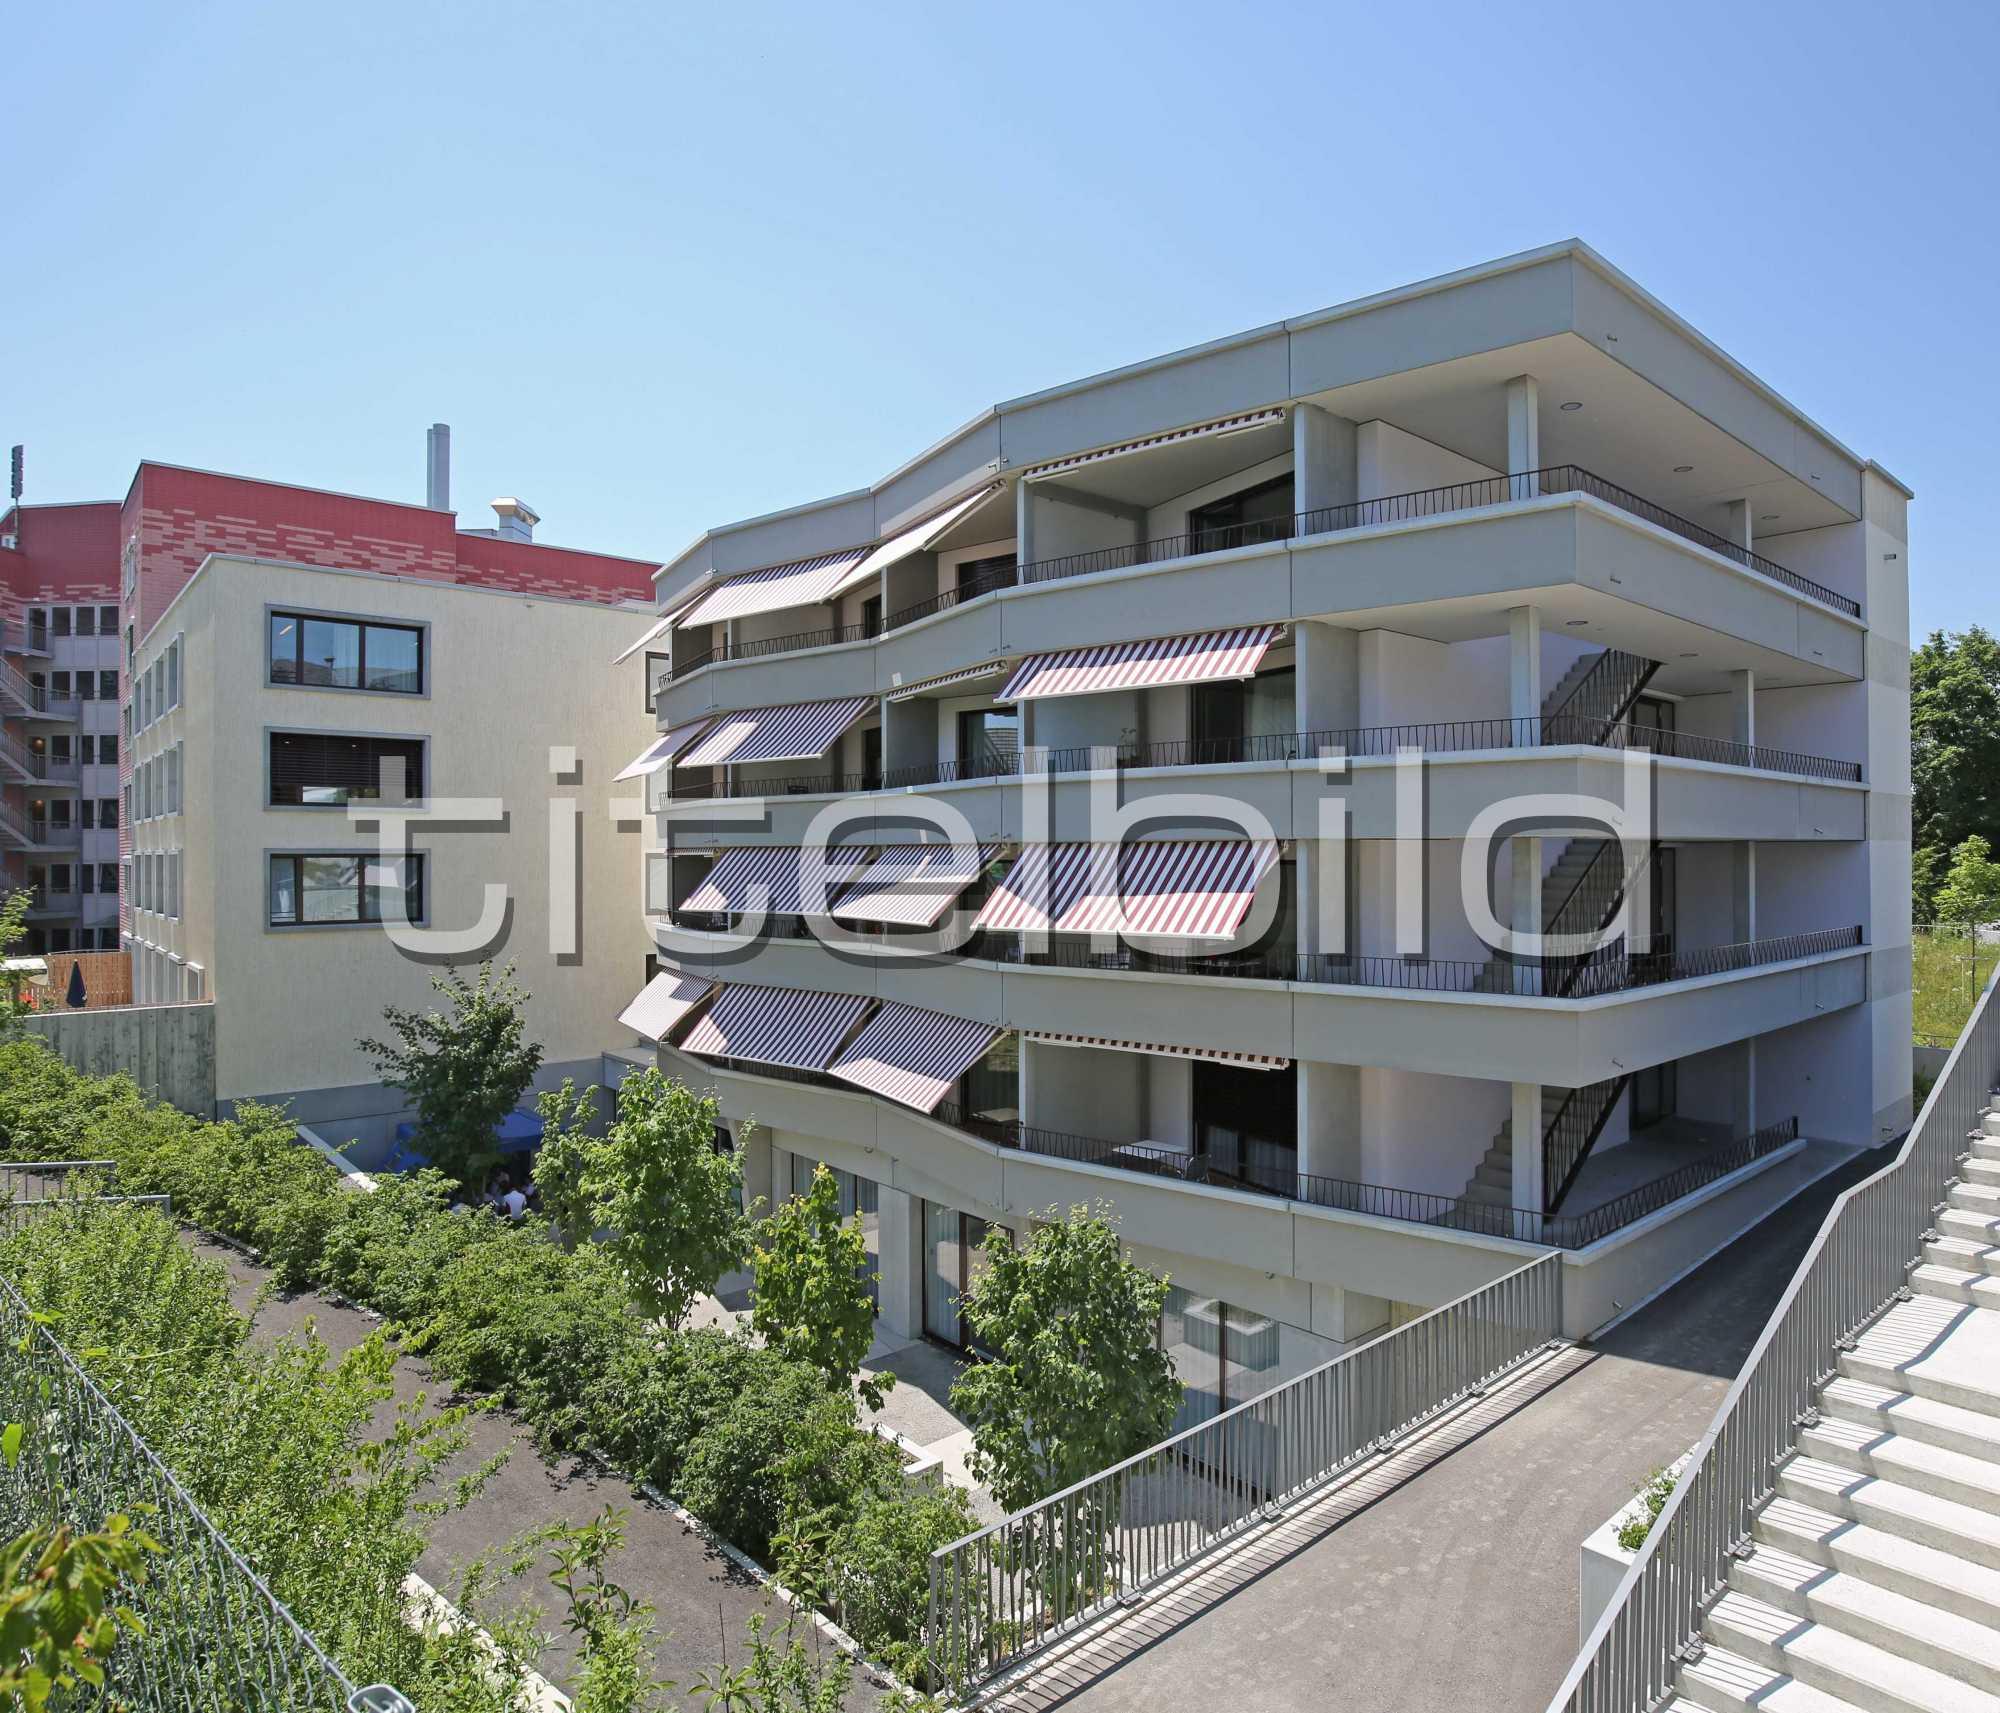 Projektbild-Nr. 2: Wägelwiesen Alters- und Pflegezentrum